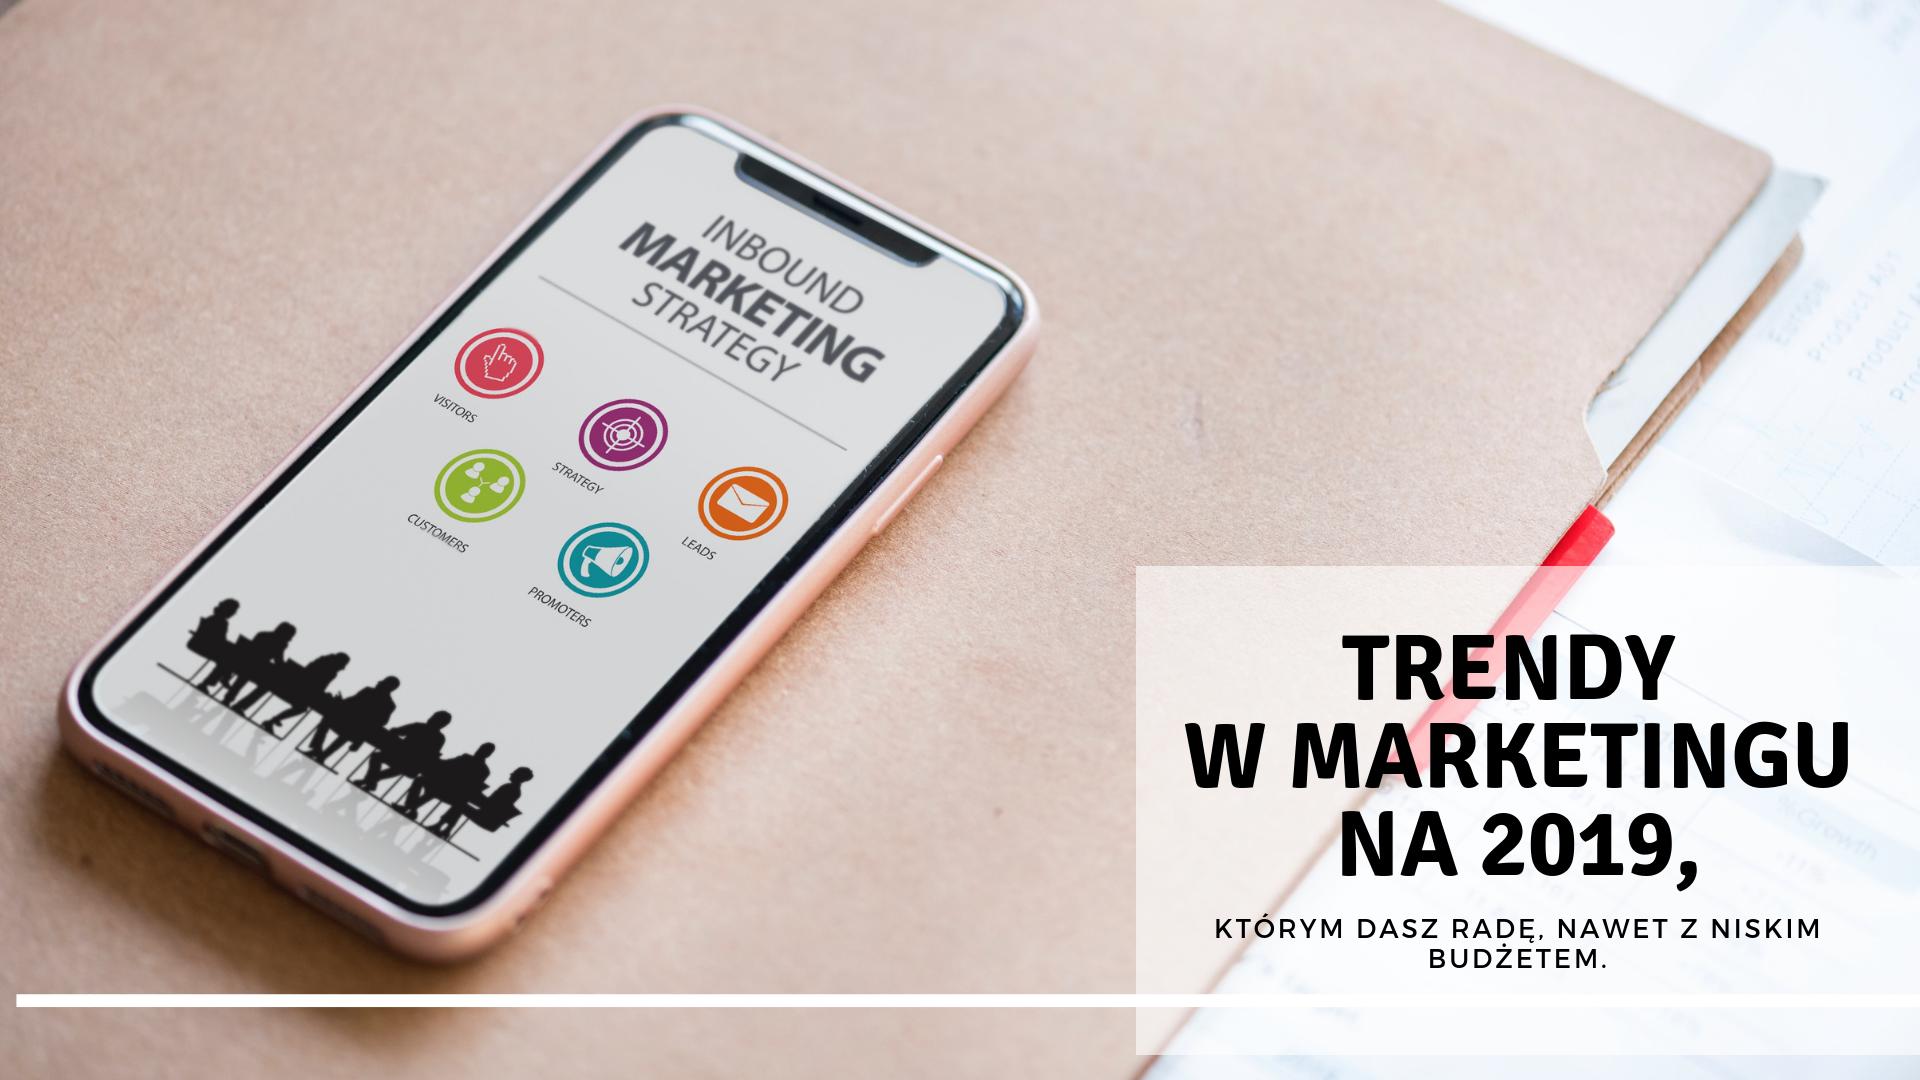 Trendy marketingowe na 2019 – którym podołasz nawet przy niskim budżecie reklamowym